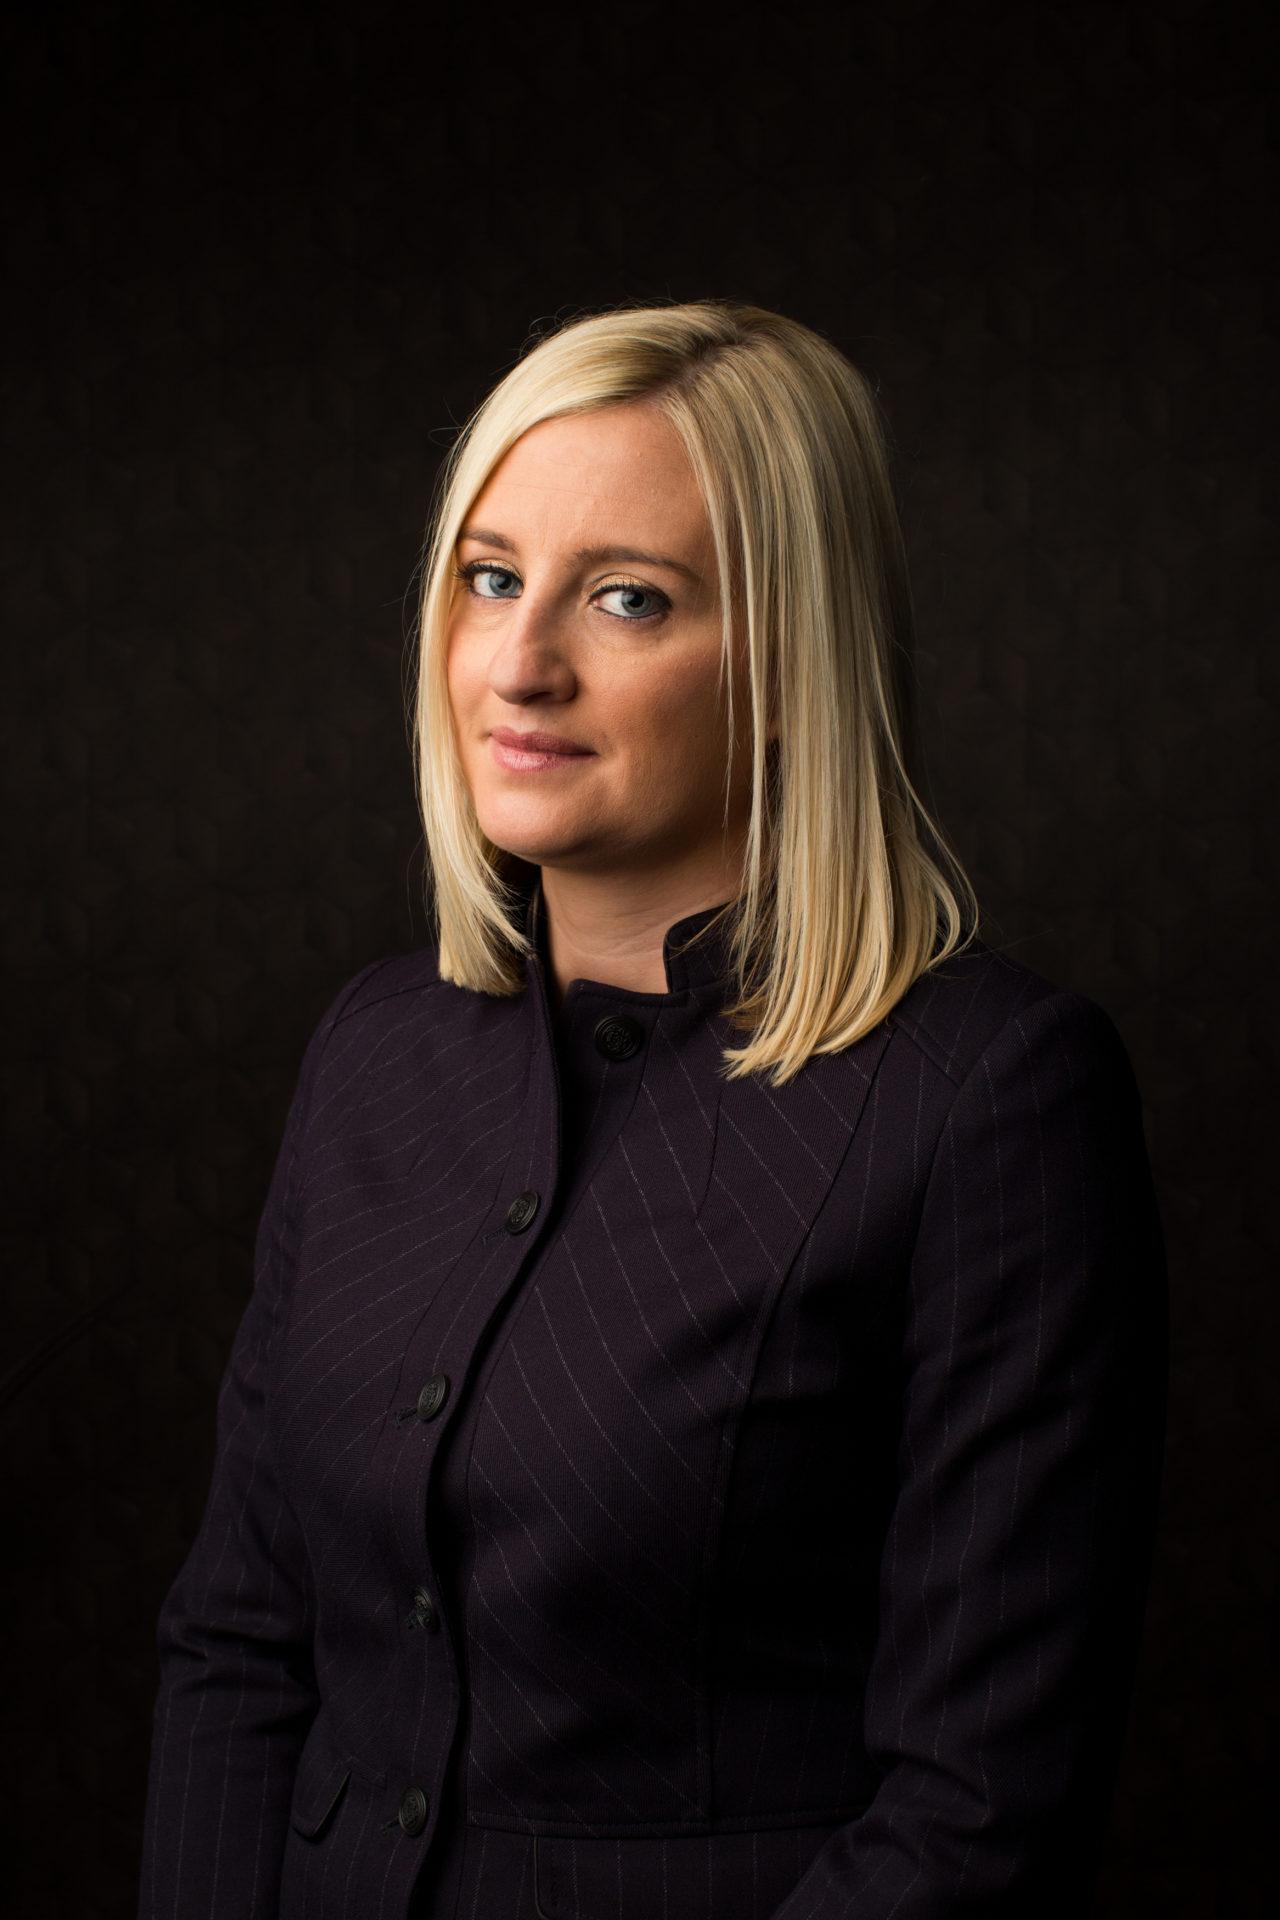 Emma Kieran